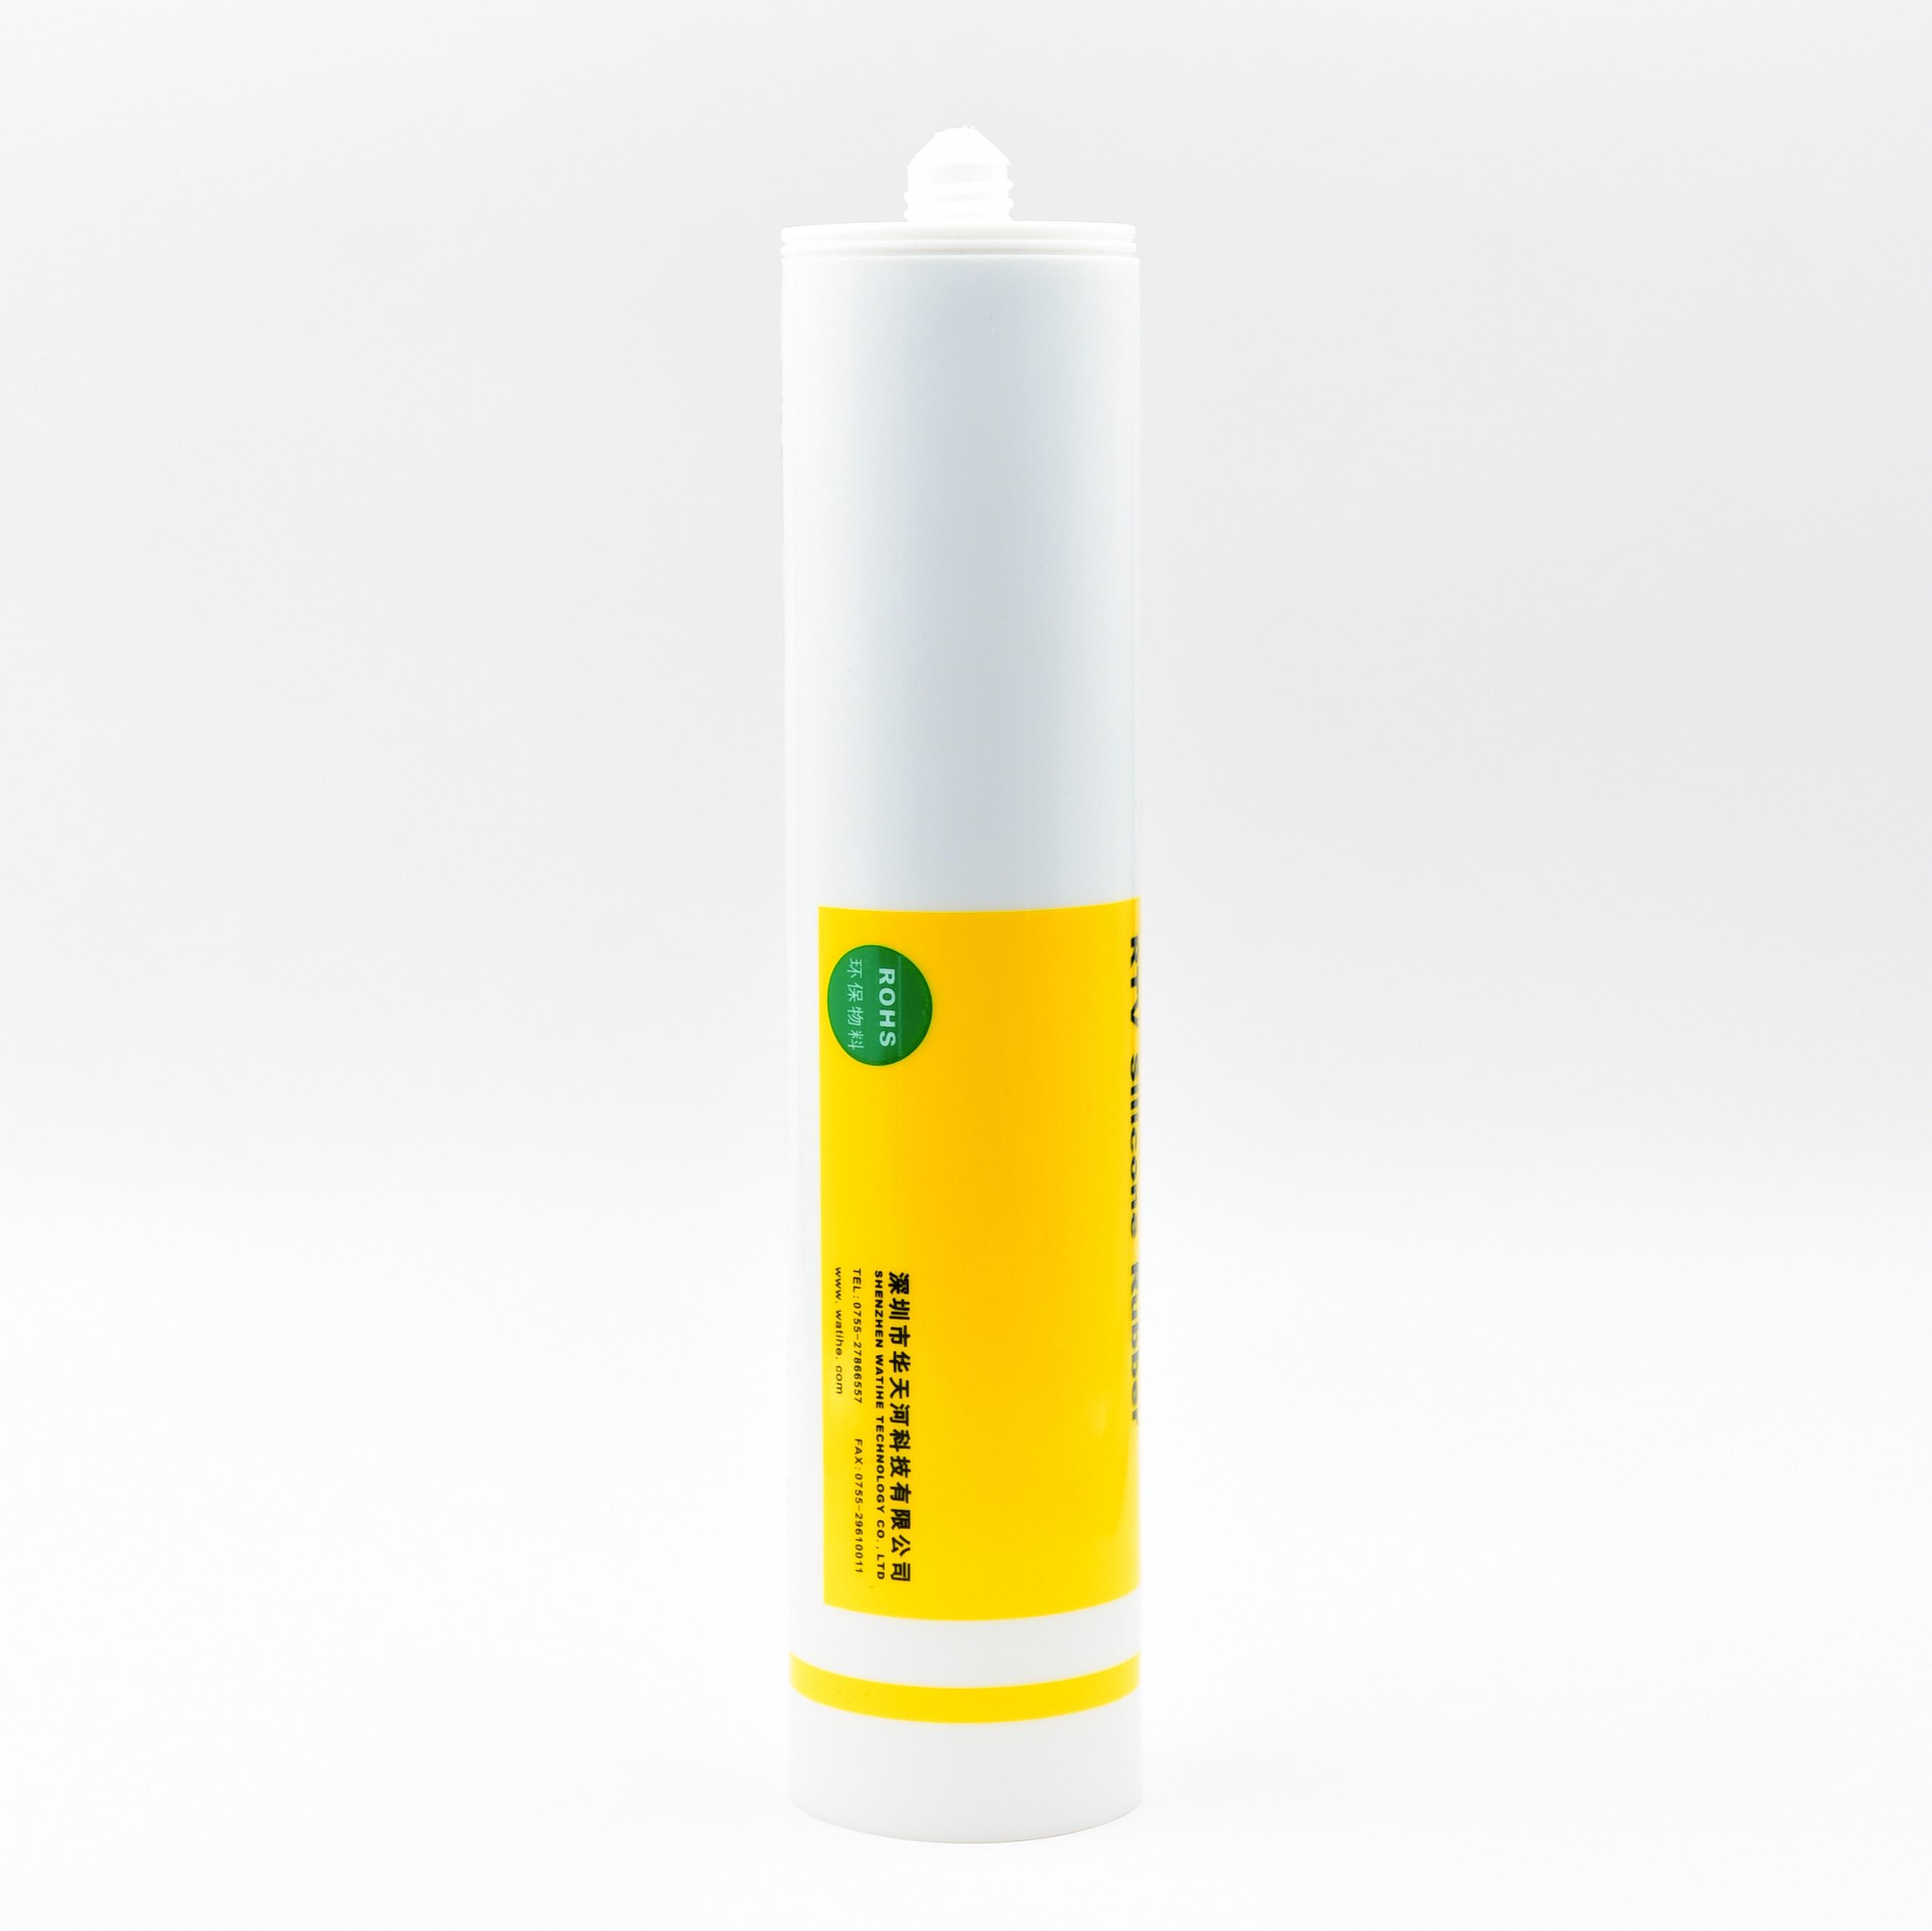 室温硫化硅橡胶 TH-640C 1室温硫化硅橡胶 TH-640C